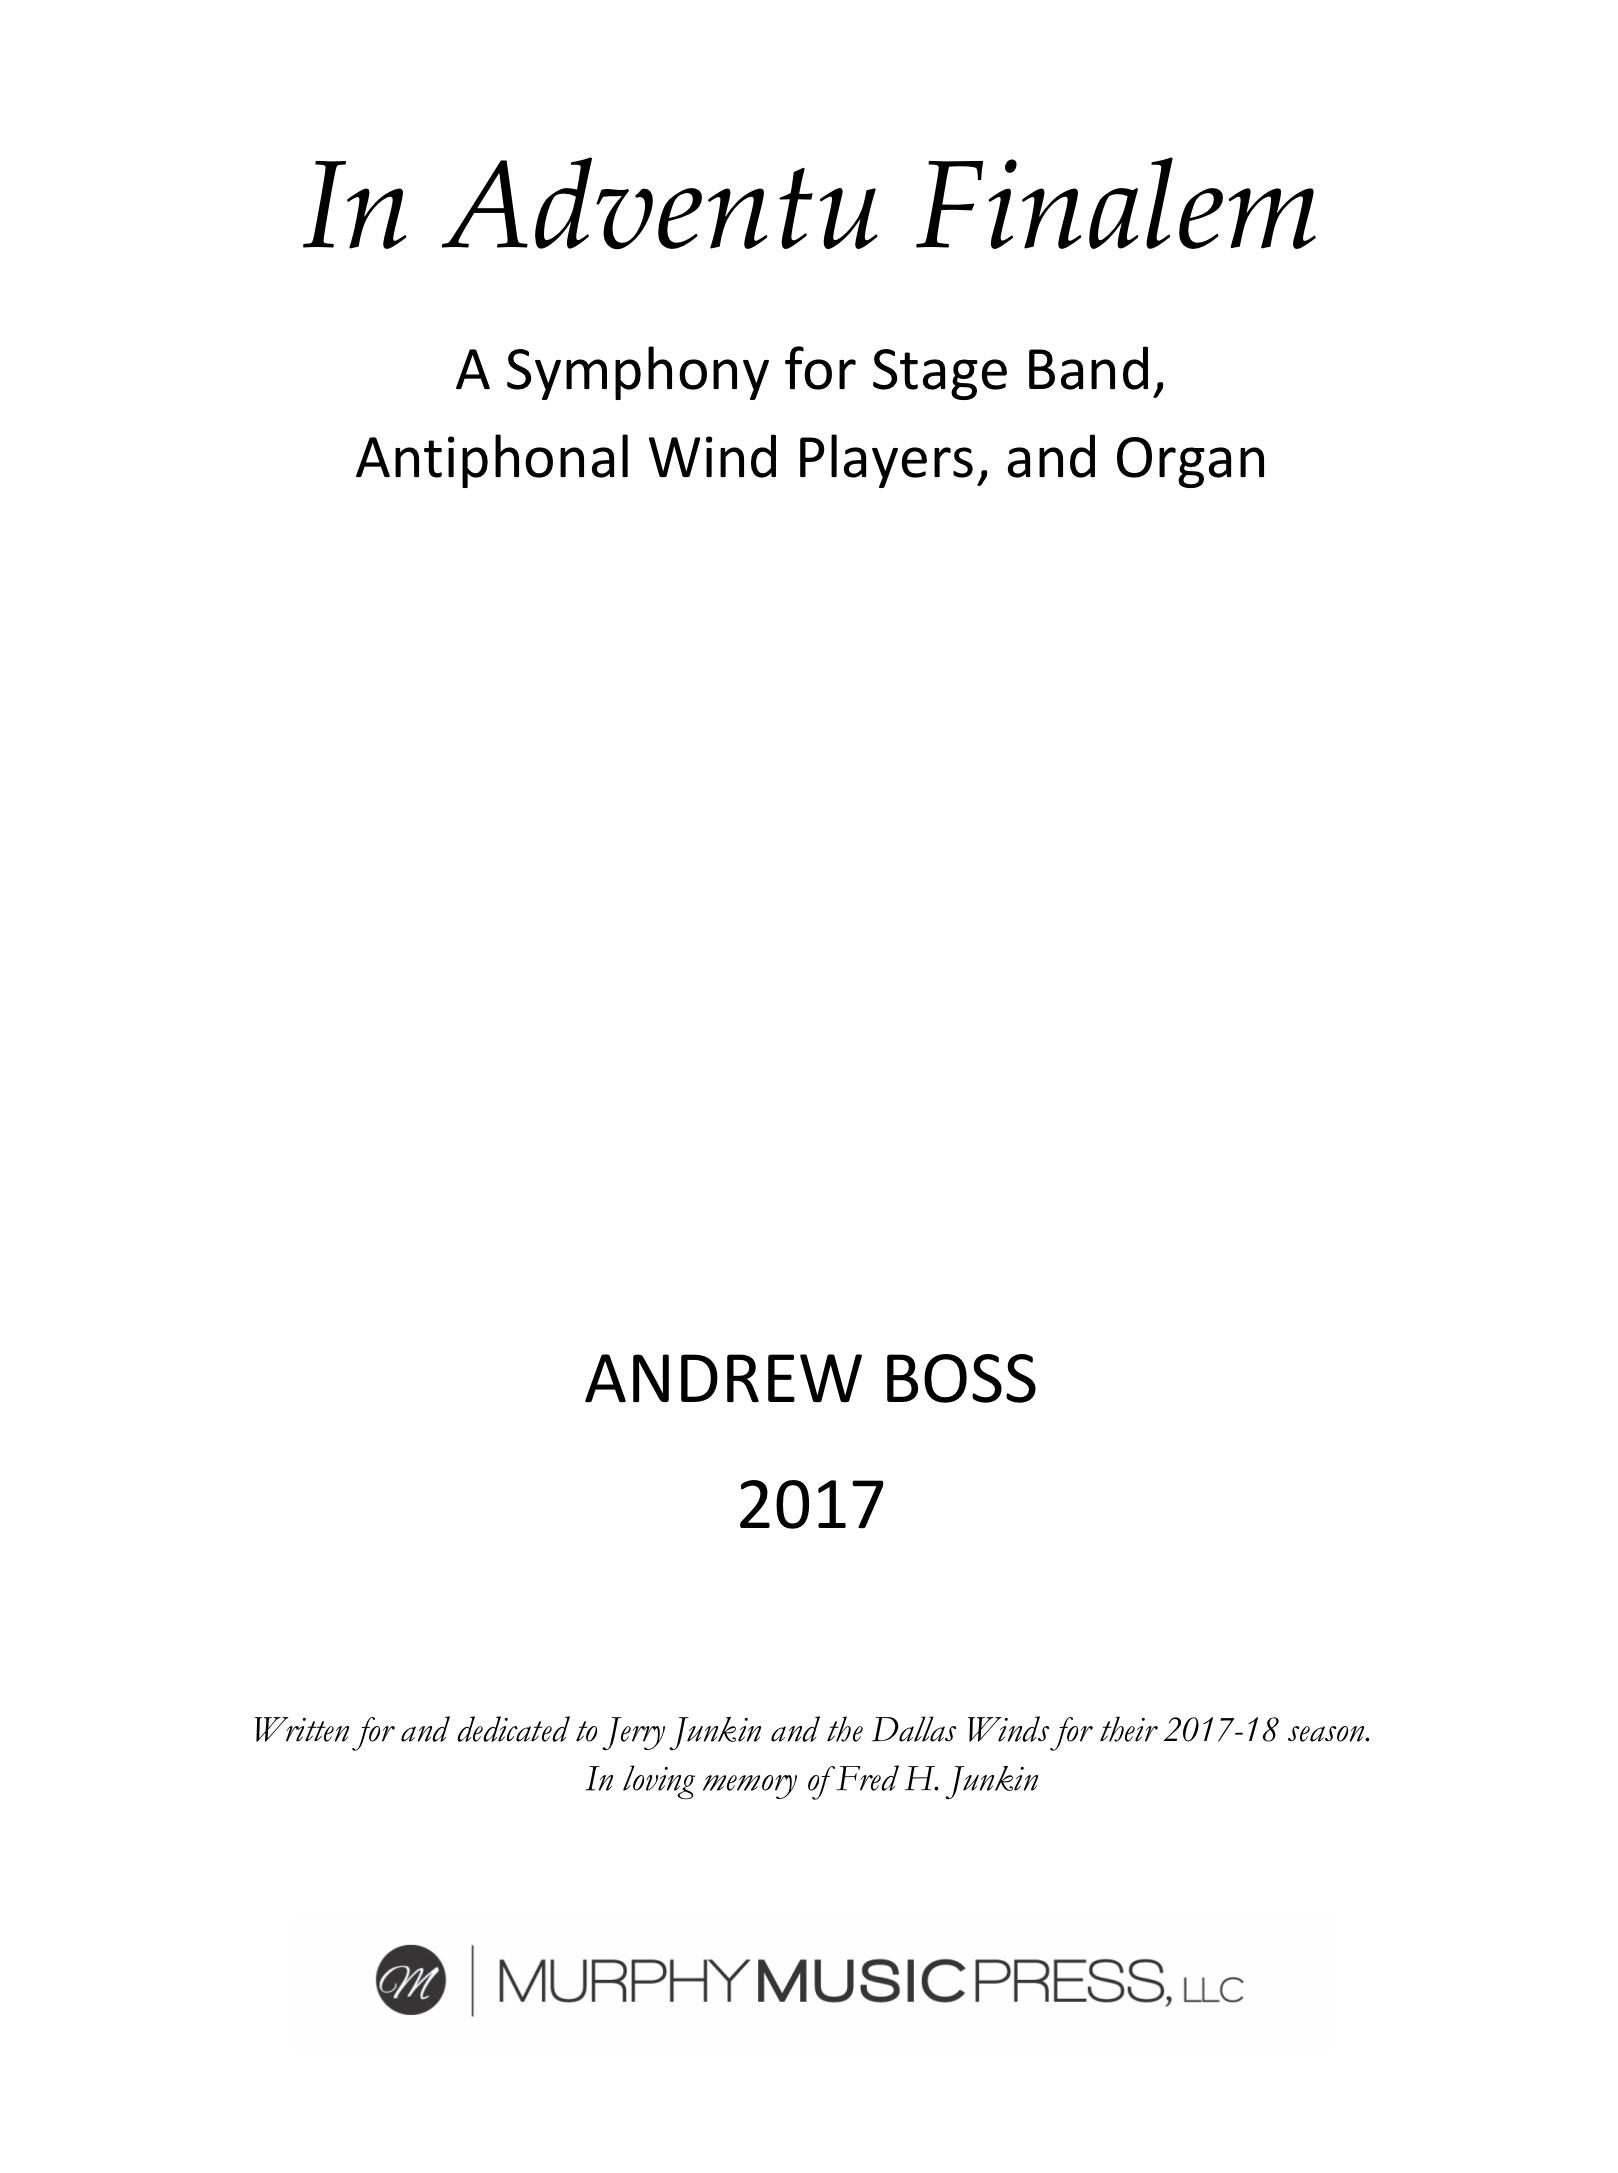 In Adventu Finalem (PDF Version) by Andrew Boss